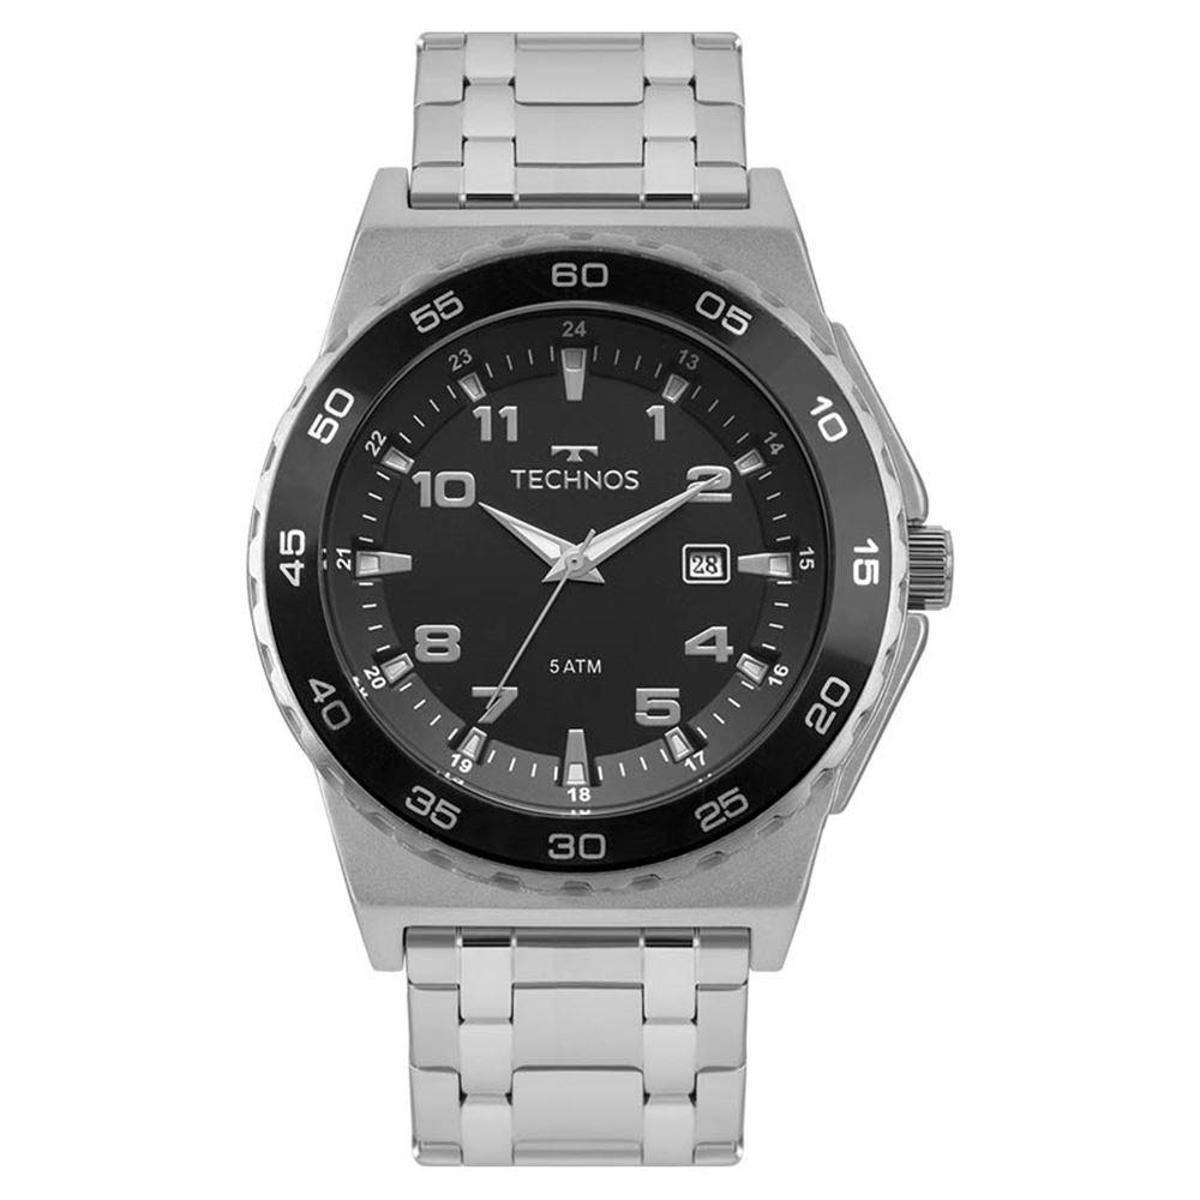 Relógio Technos Masculino Racer - Compre Agora   Zattini 600f937b37